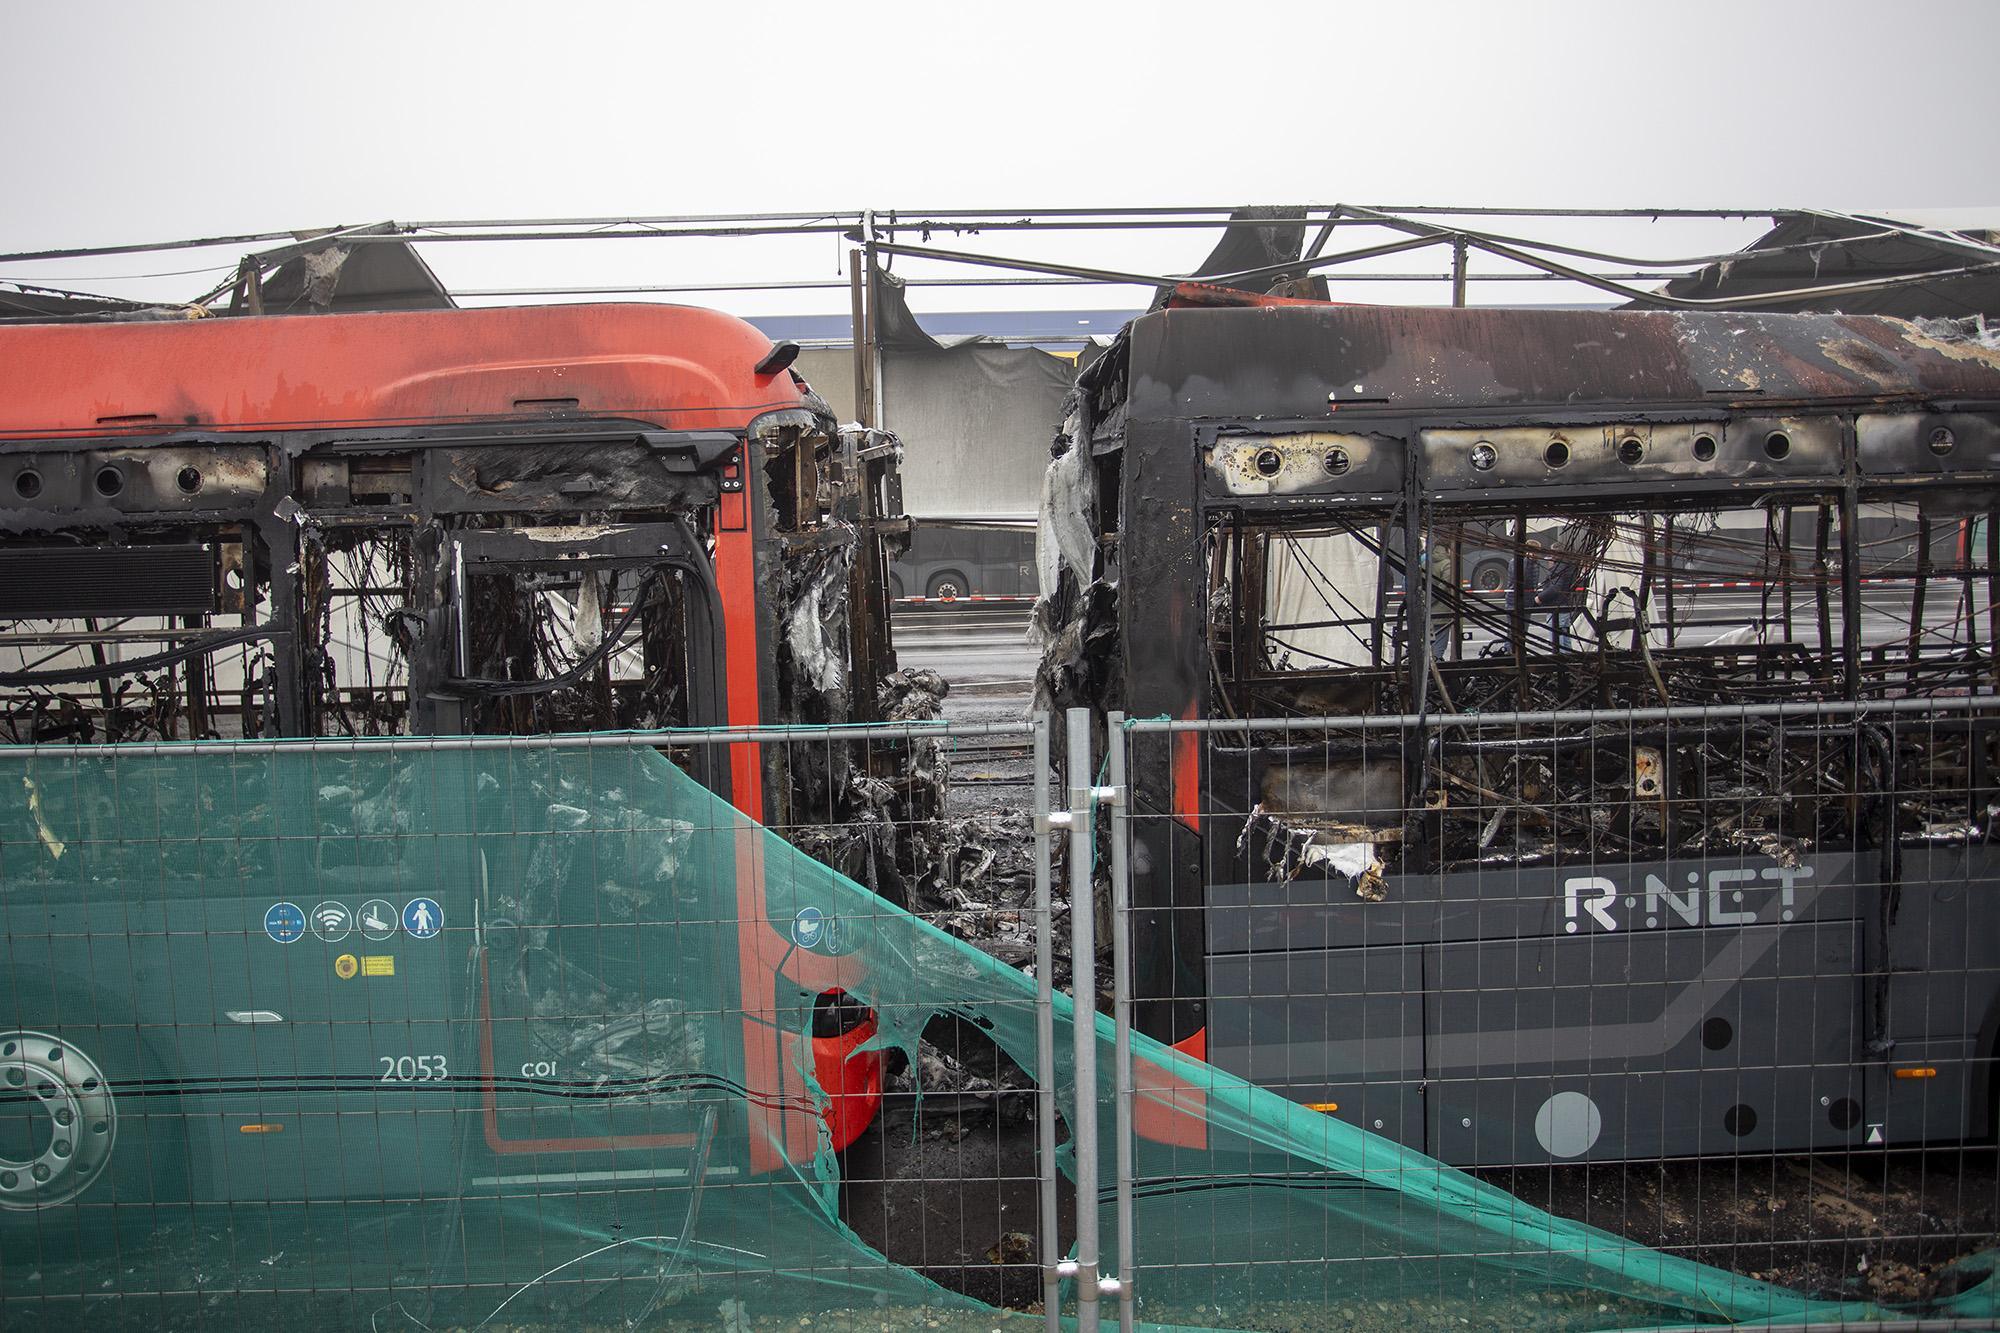 Oorzaak grote brand busremise Haarlem nog niet duidelijk; onderzoek kan nog dagen duren